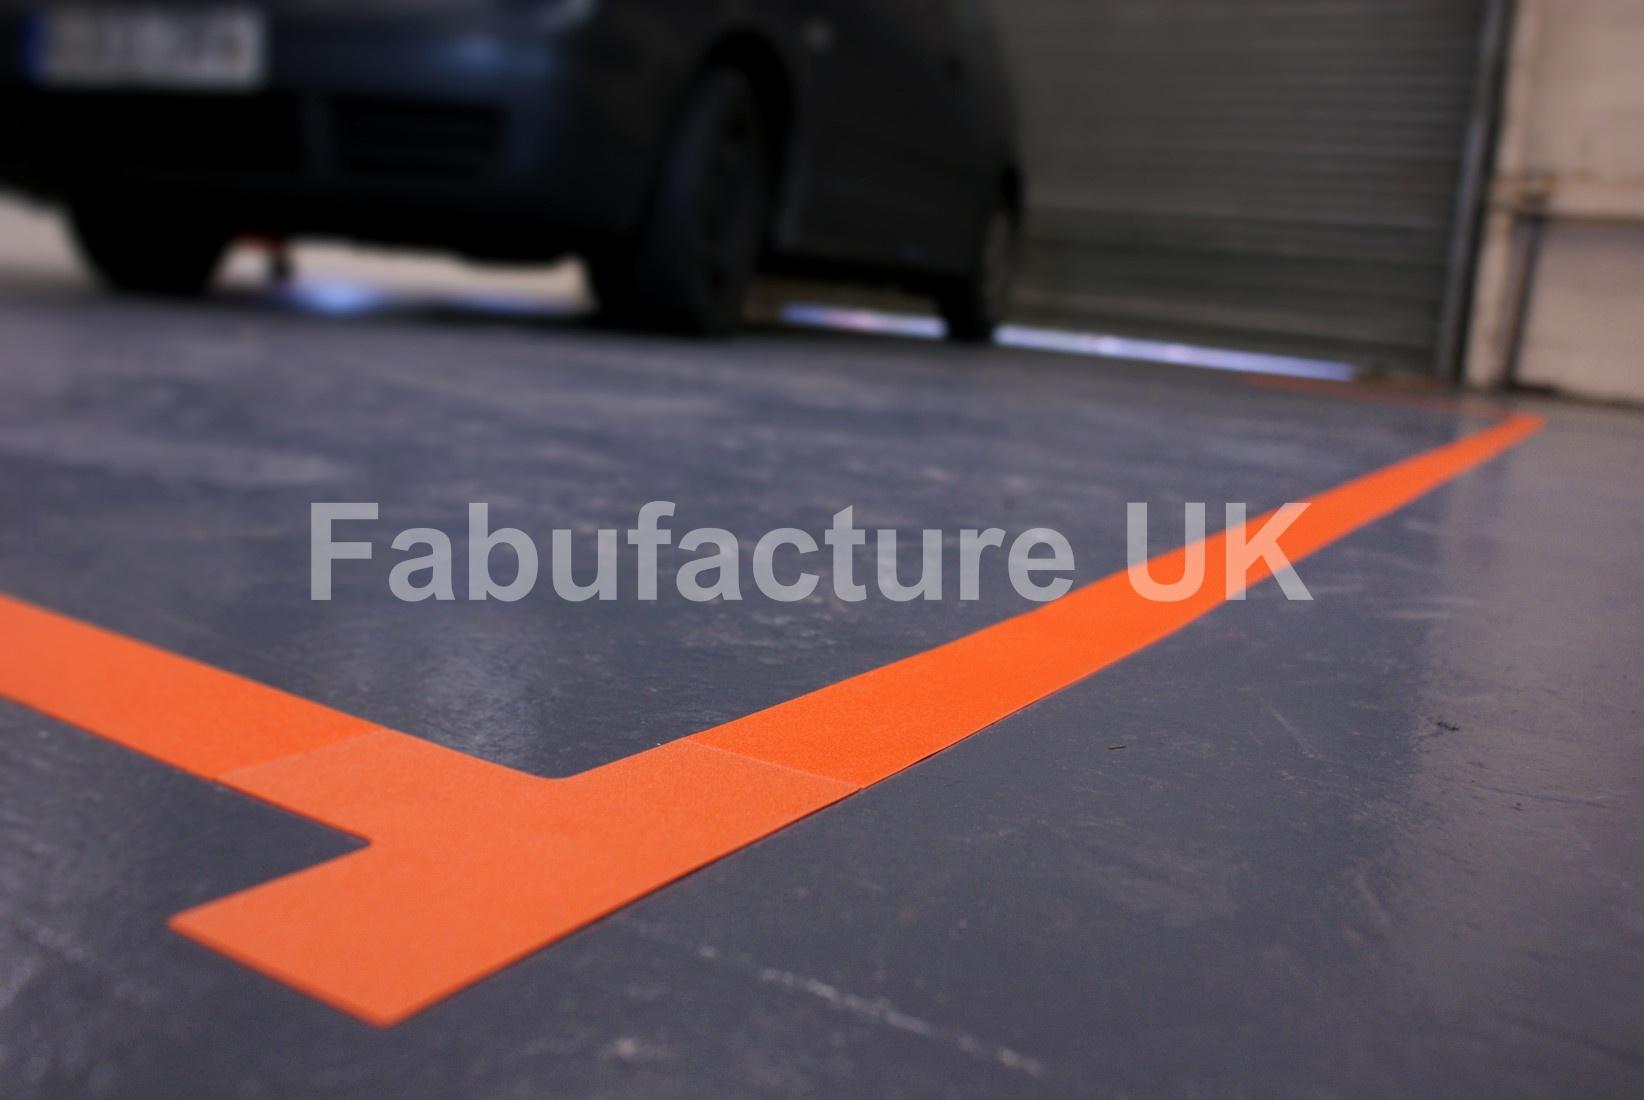 Heavy Duty Aisle Floor Marking Tape Sku 7361 The Lean